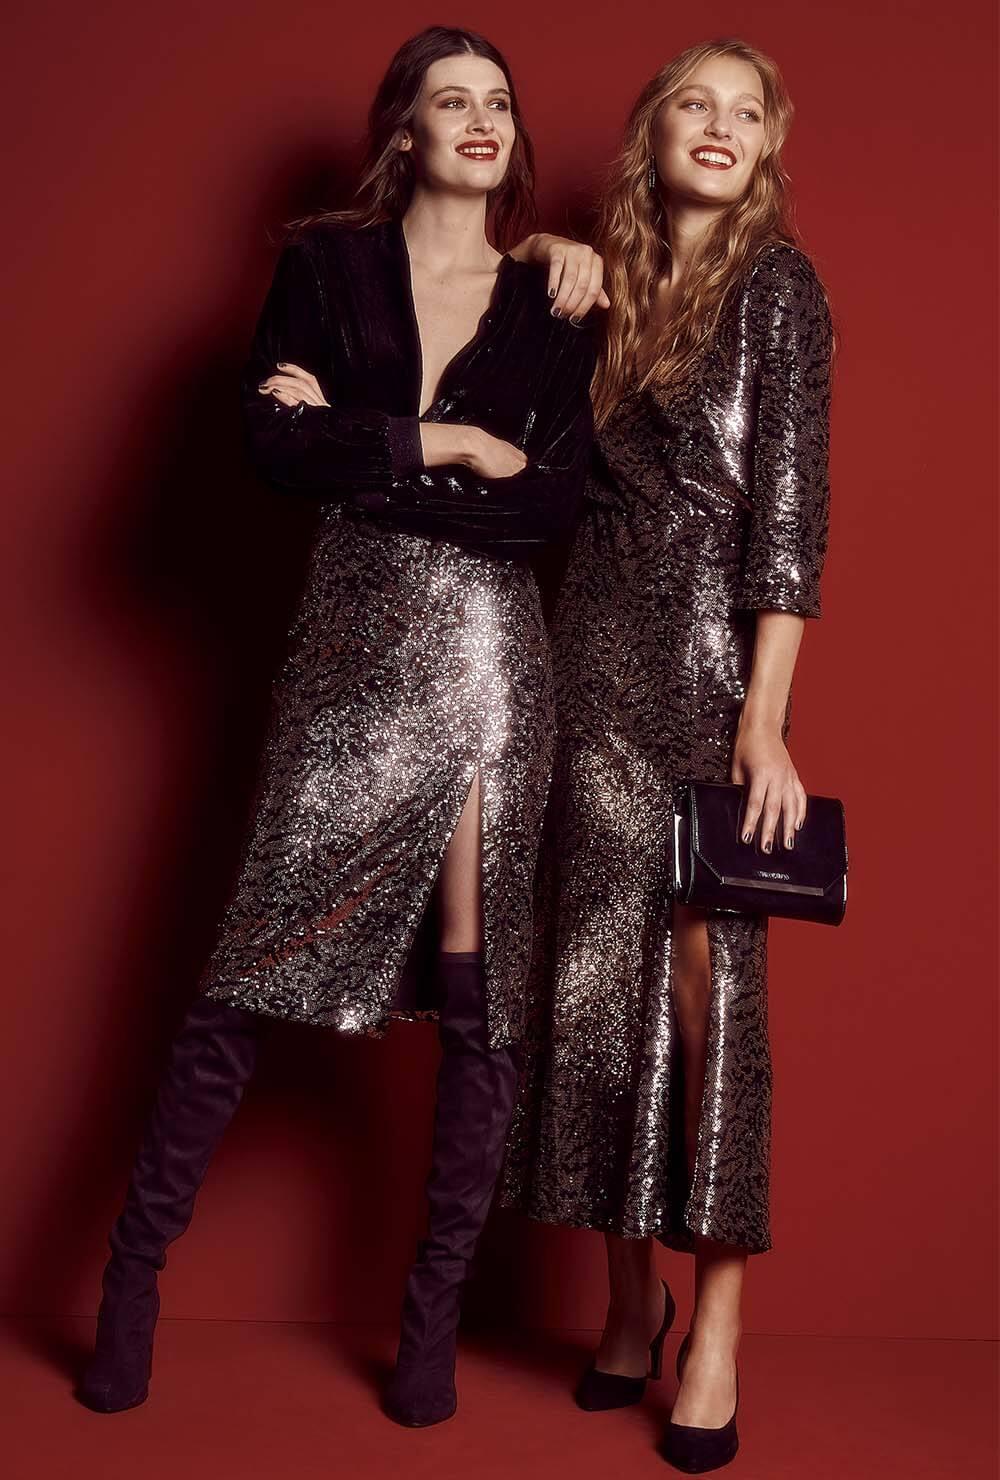 Moda invierno 2020. Vestidos y faldas brillosas invierno 2020.